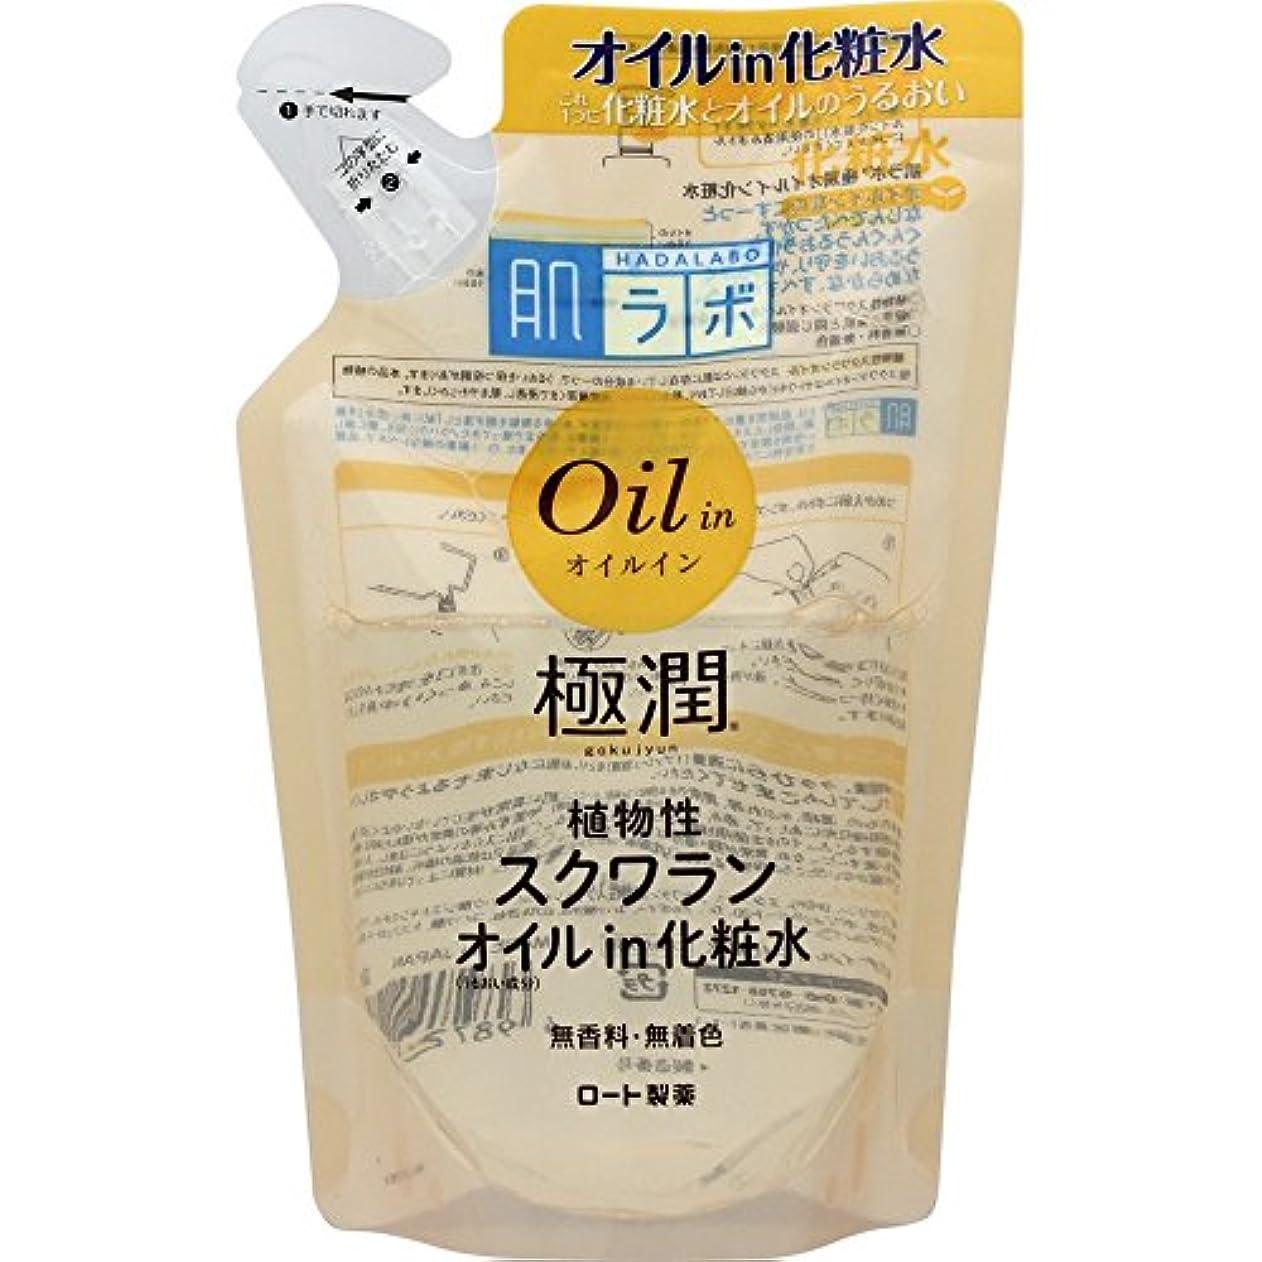 苦しみ両方または肌ラボ 極潤オイルイン化粧水 <詰替用> 植物性スクワランオイル配合 220ml